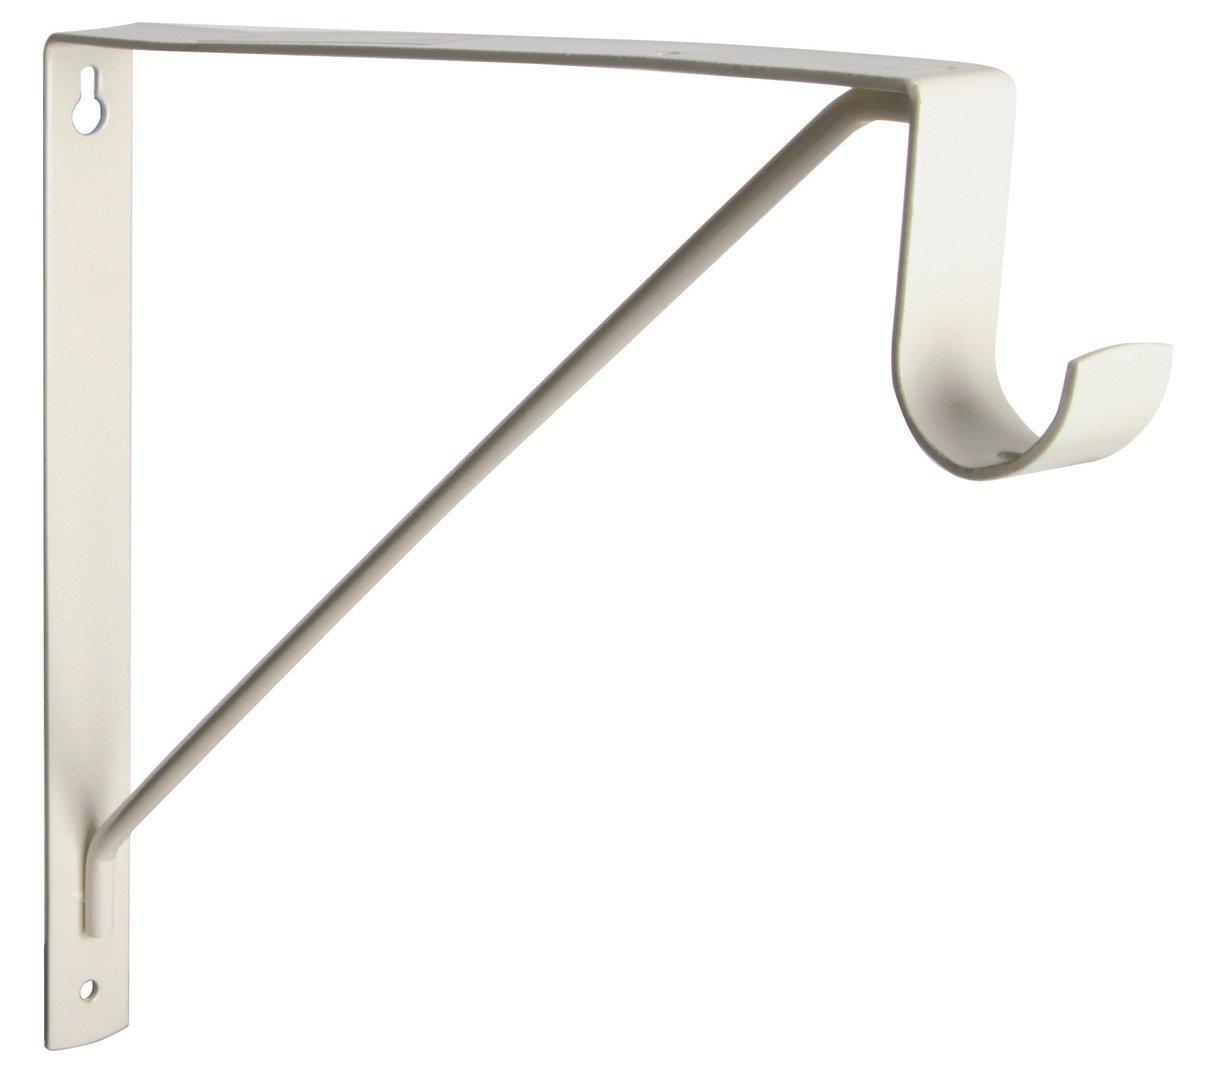 """Knape & Vogt CREAM 1195 Closet Rod & Shelf Support, 10"""" high x 11"""" long"""